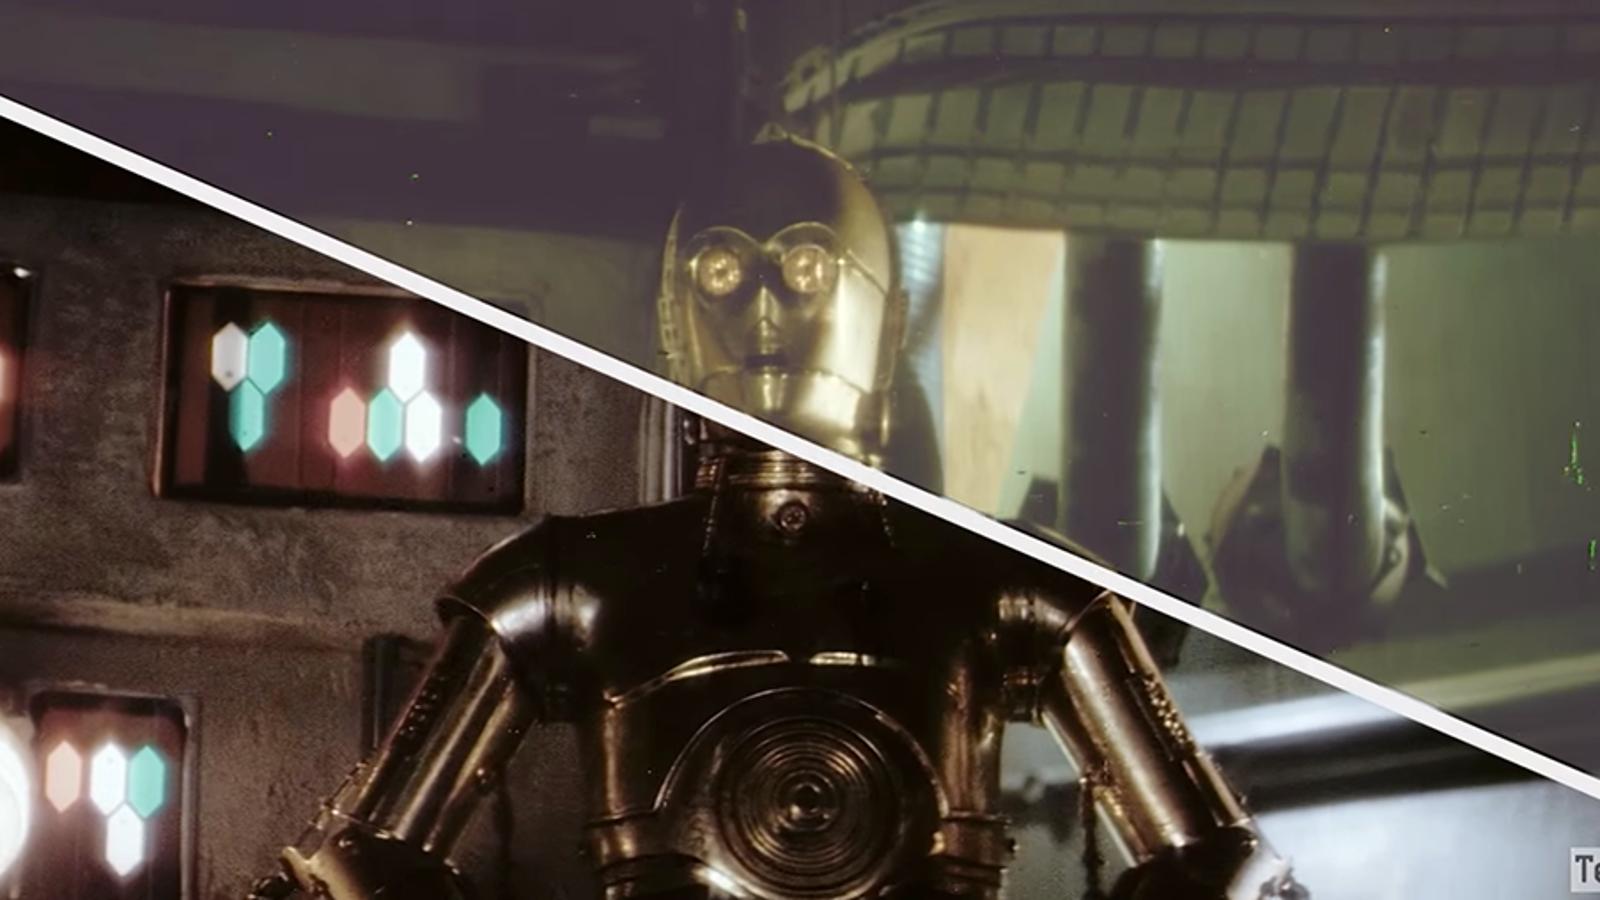 Encuentran una copia original de Star Wars en celuloide, la restauran y la suben a Internet